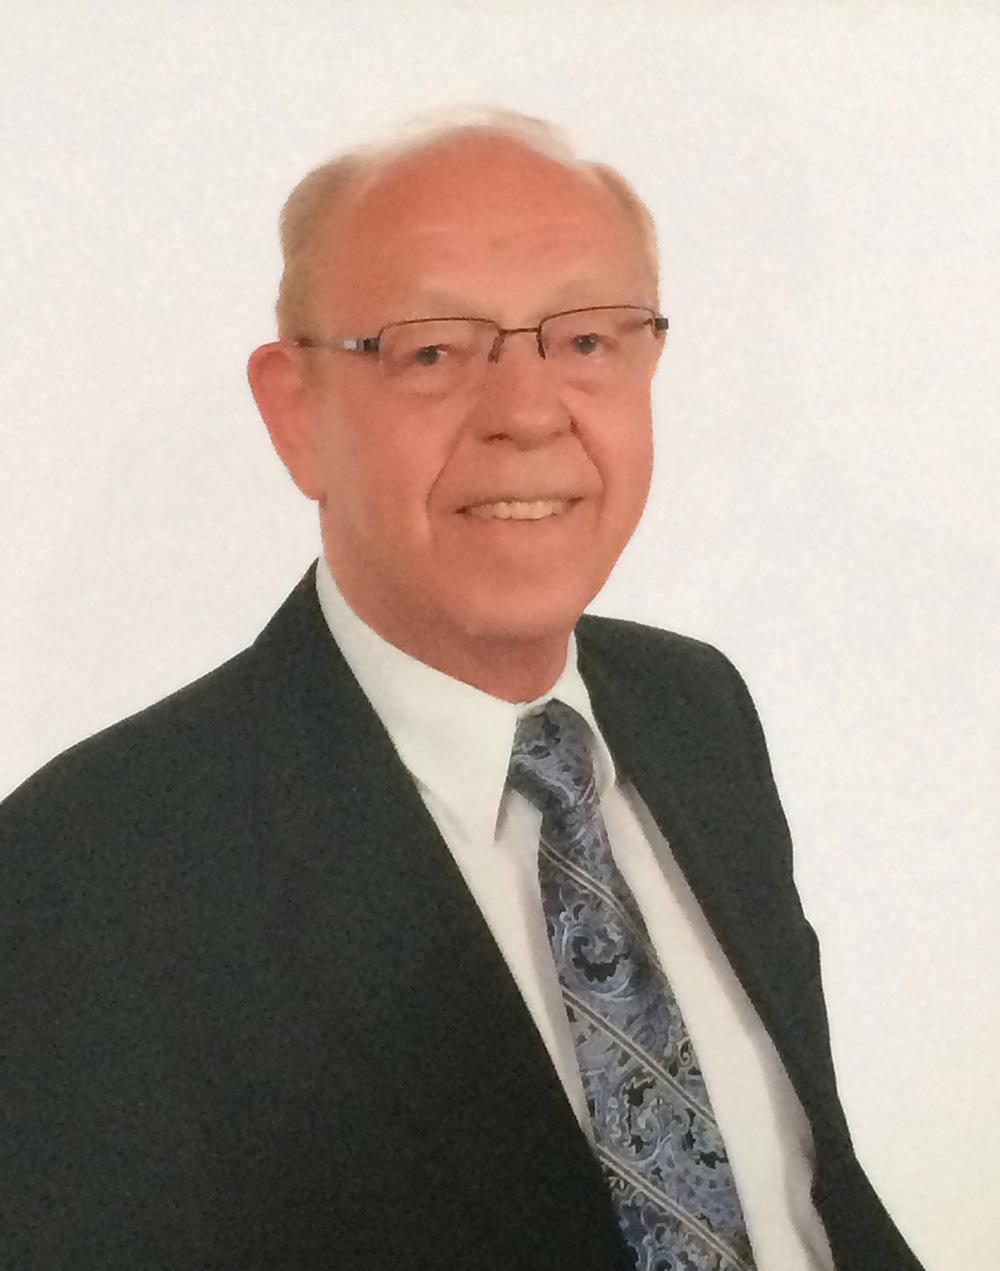 James-Krause